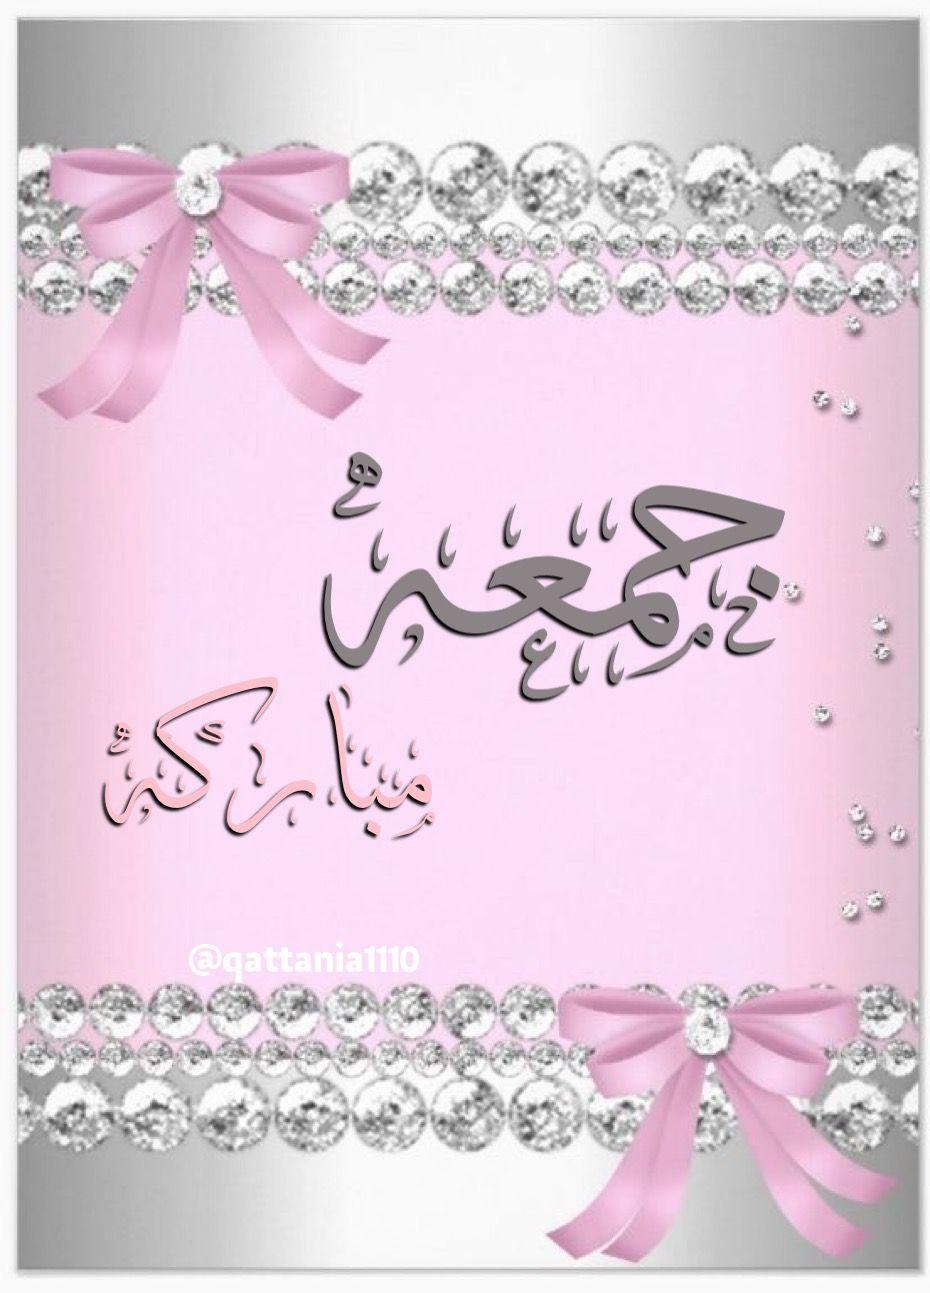 Pin By Skittchen On يوم الجمعه Friday Jumma Mubarak Images Jummah Mubarak Dua Jumah Mubarak